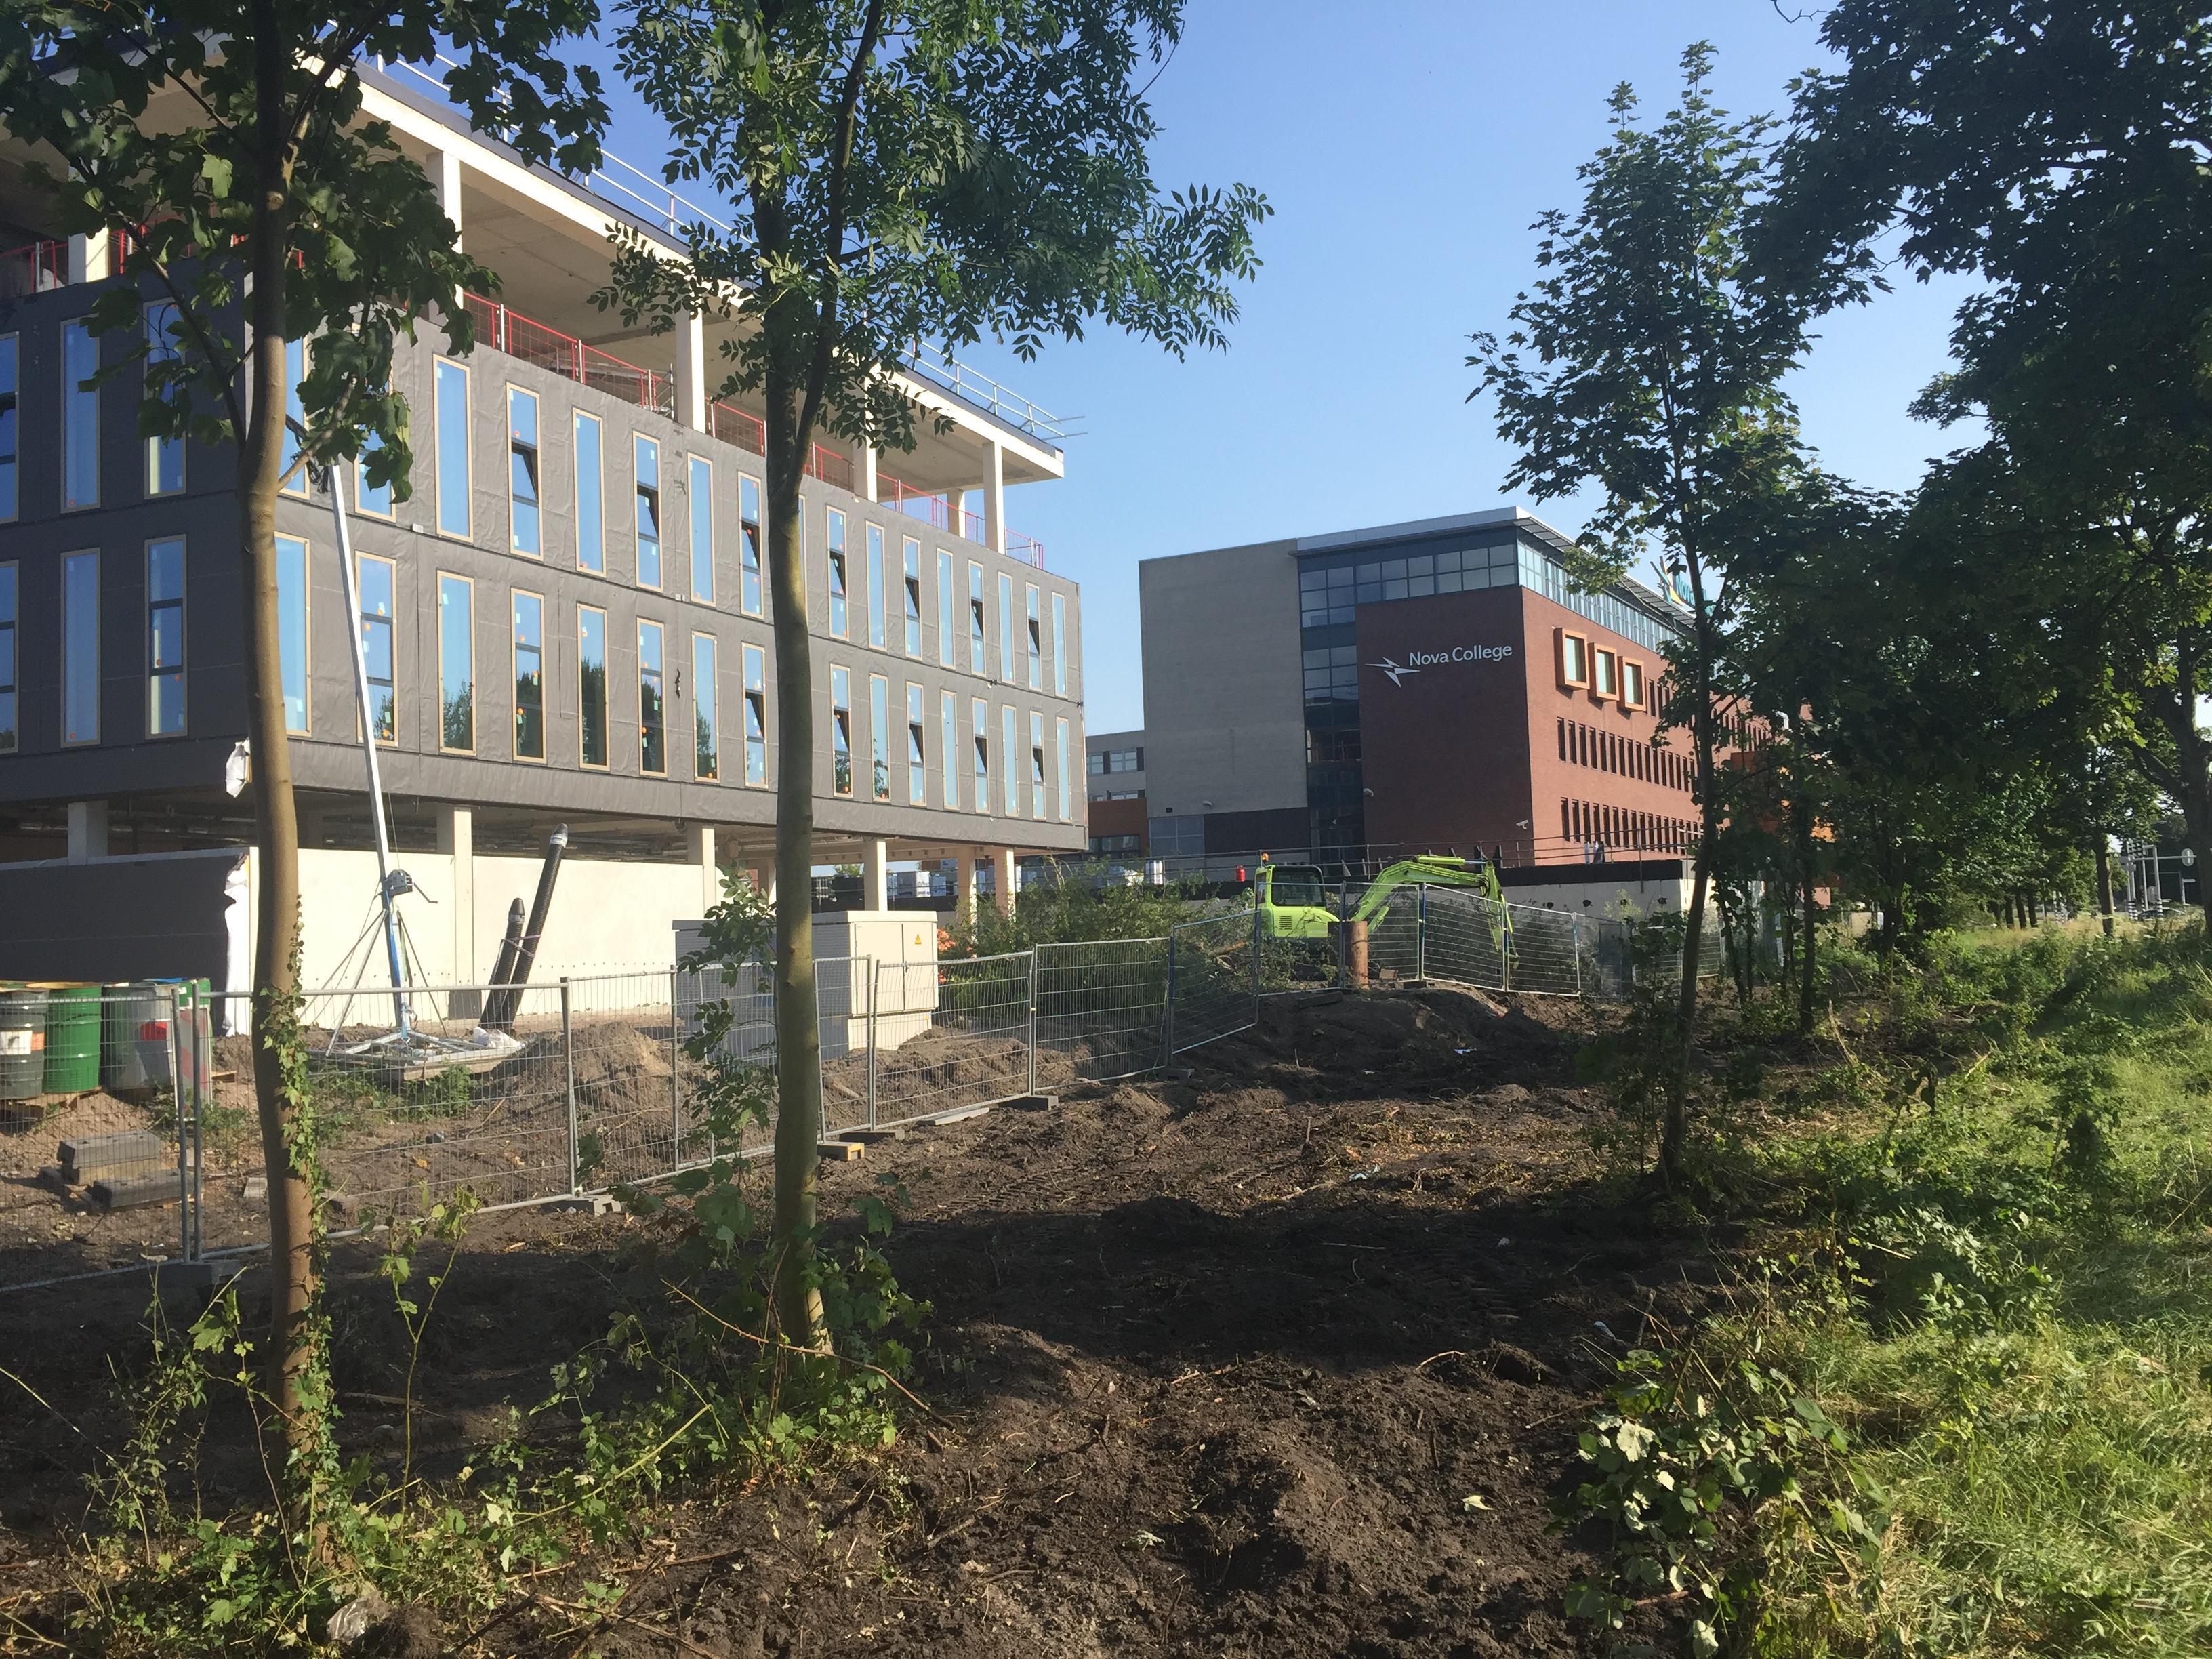 Woede over weggebulldozerde groenstrook bij Nova College in Haarlem